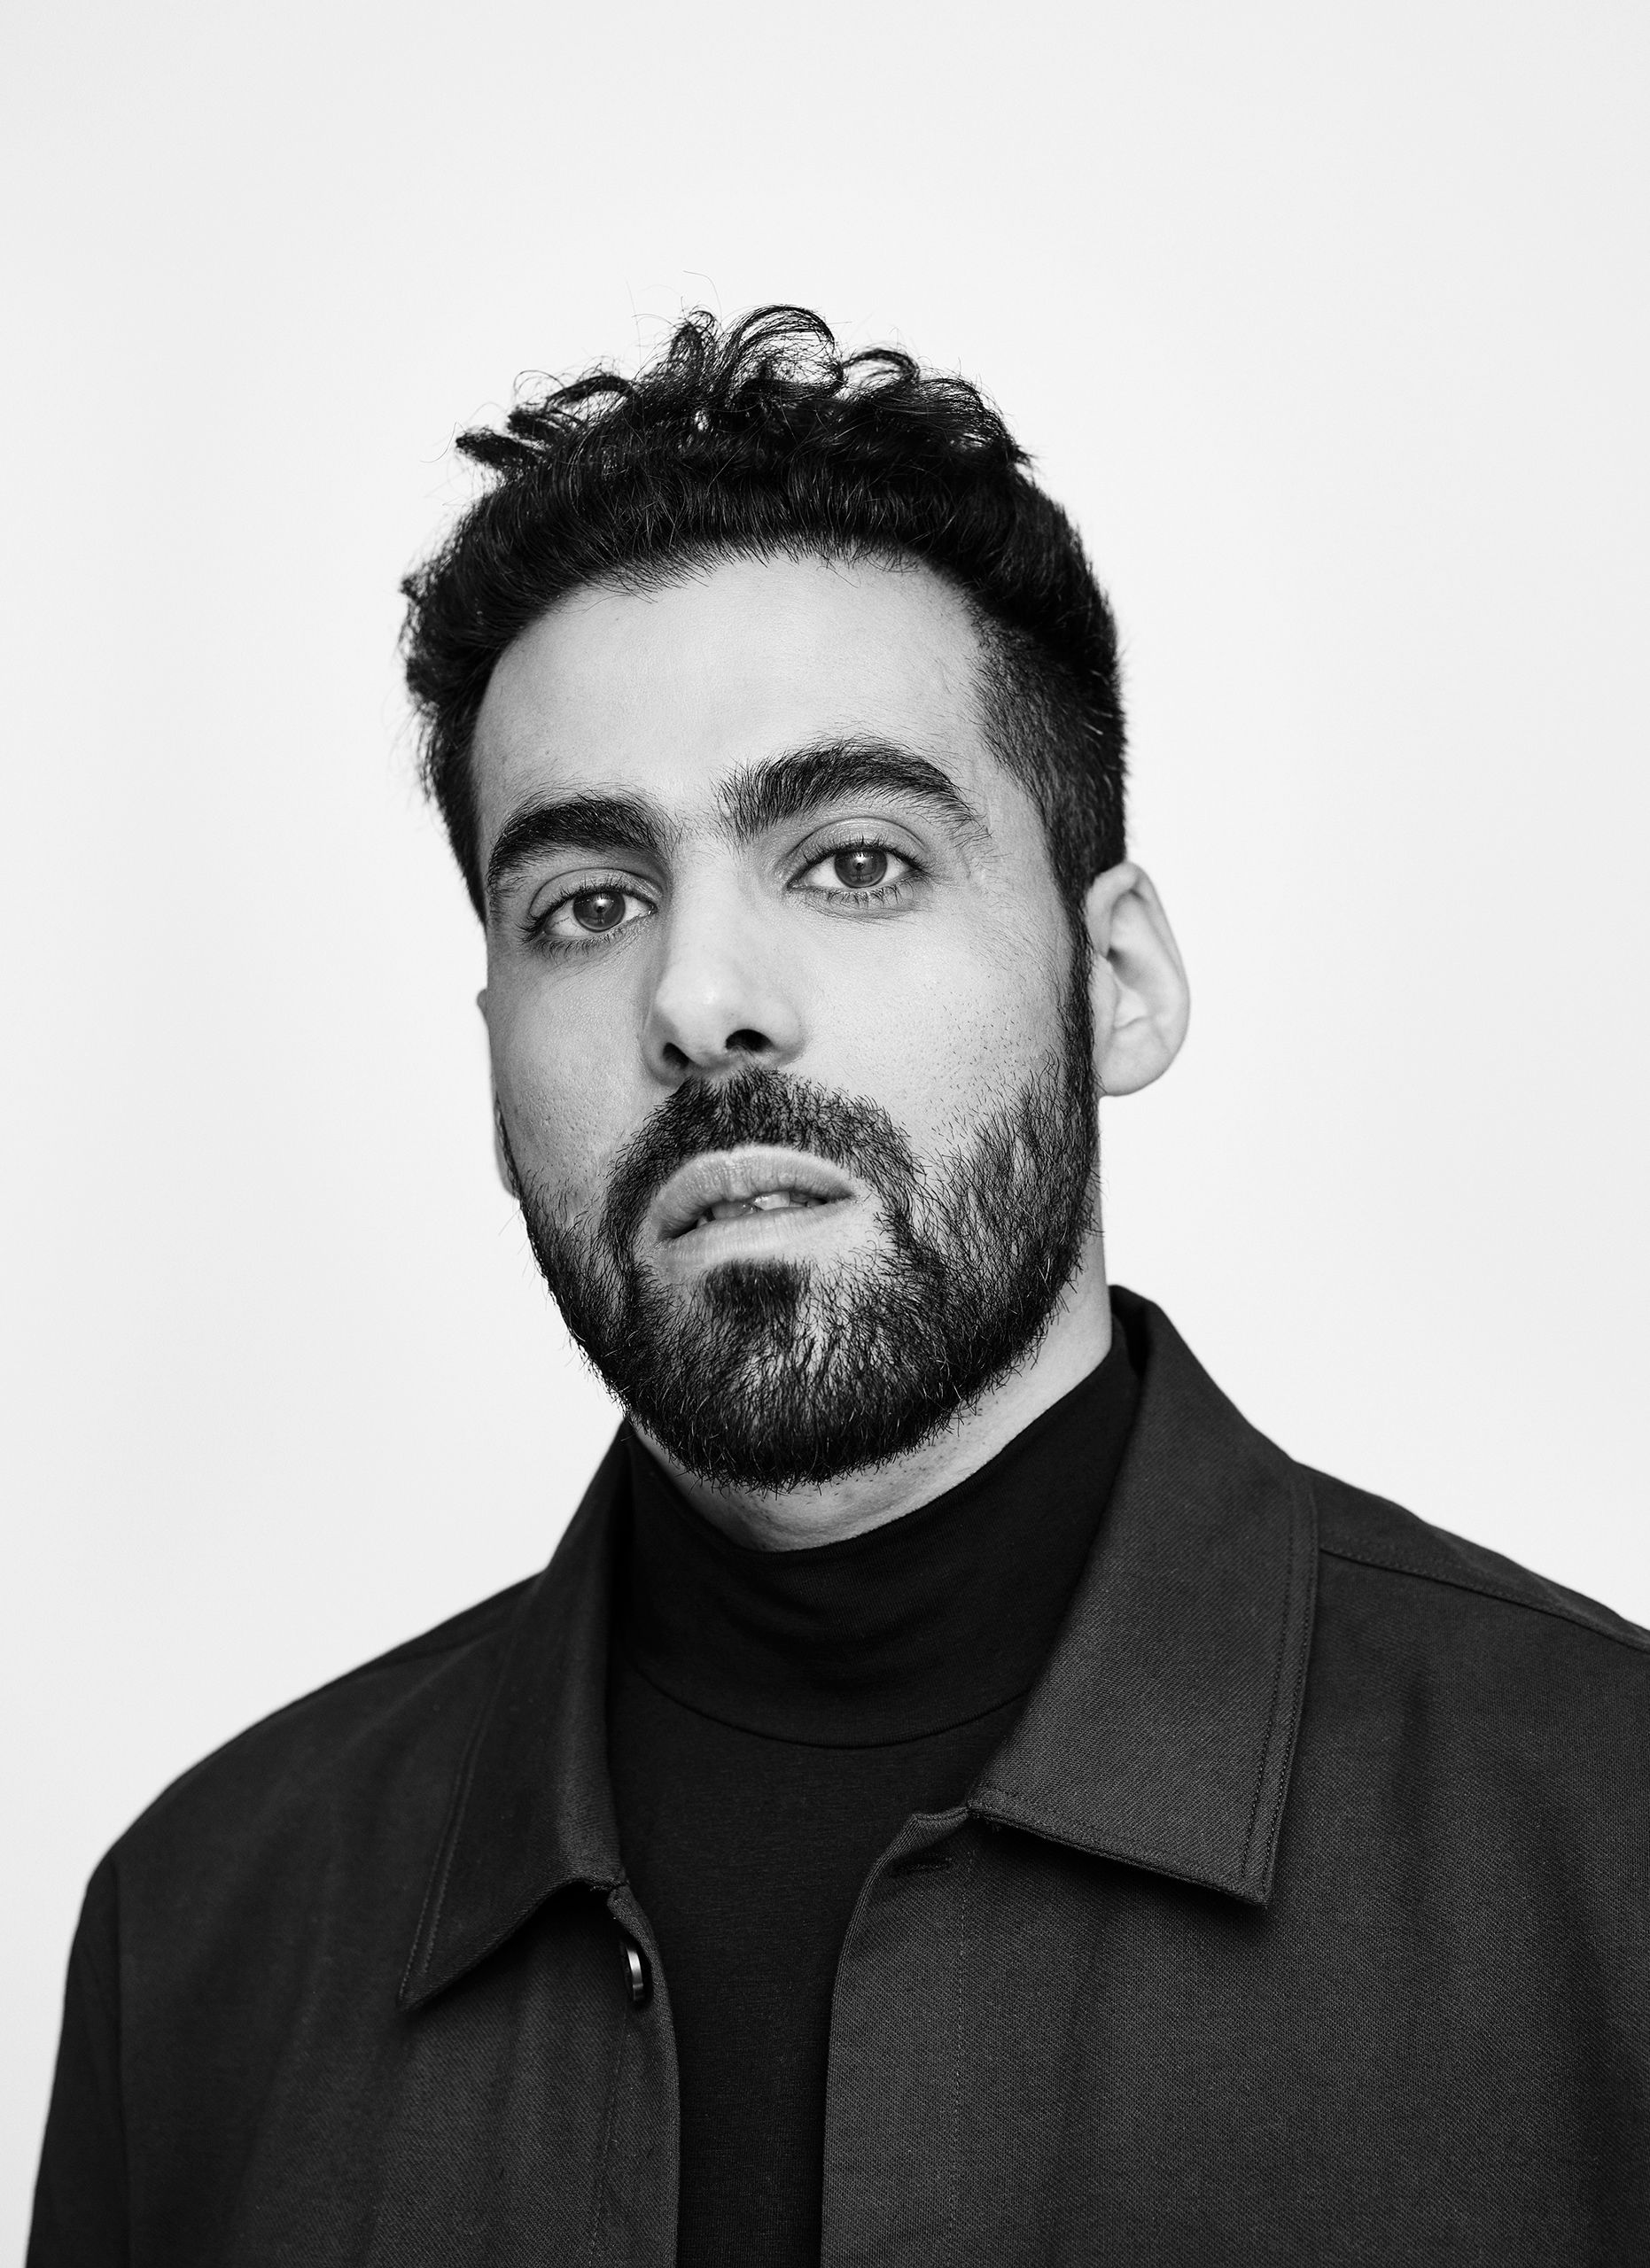 Portrait en noir et blanc de l'humoriste Adib Alkhalidey portant un col roulé et une chemise.